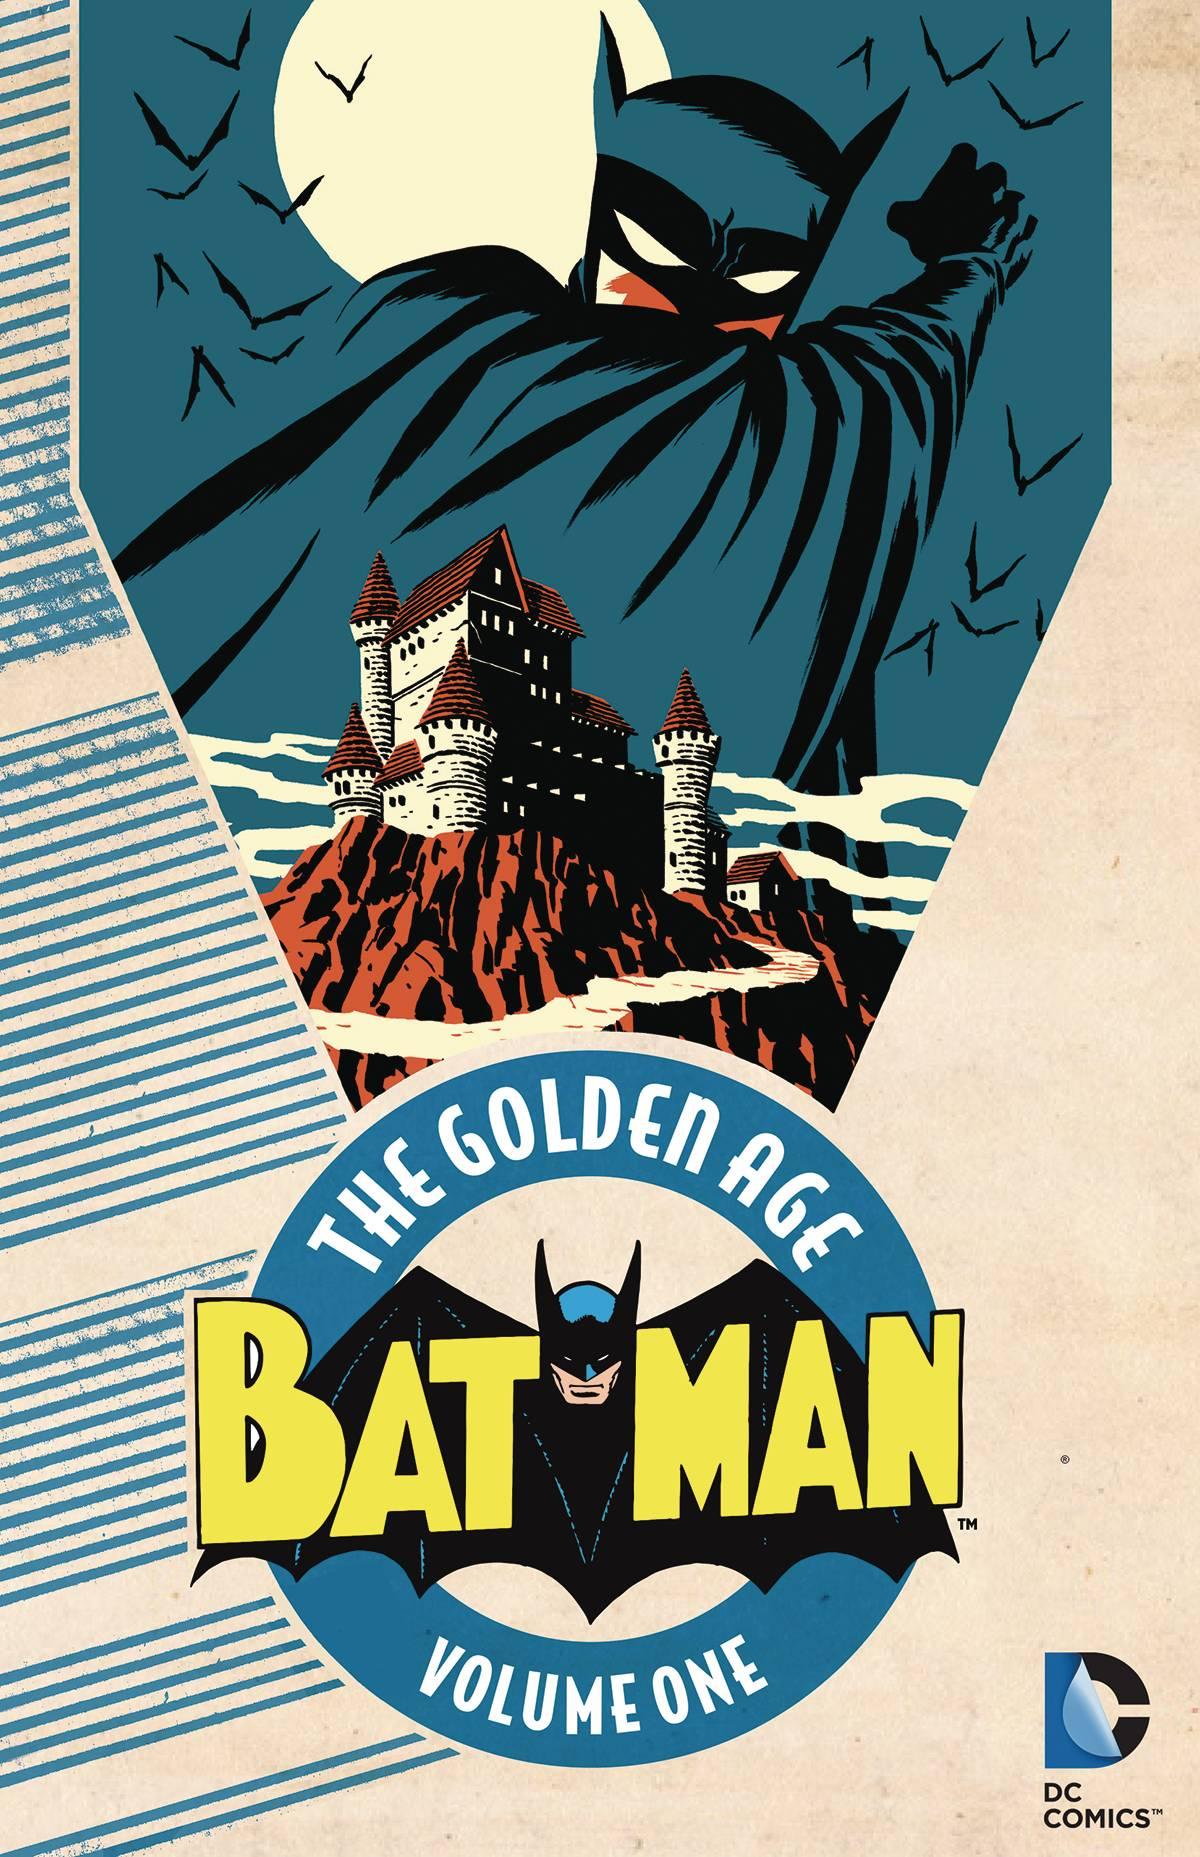 Batman the Golden Age TP Vol. 1